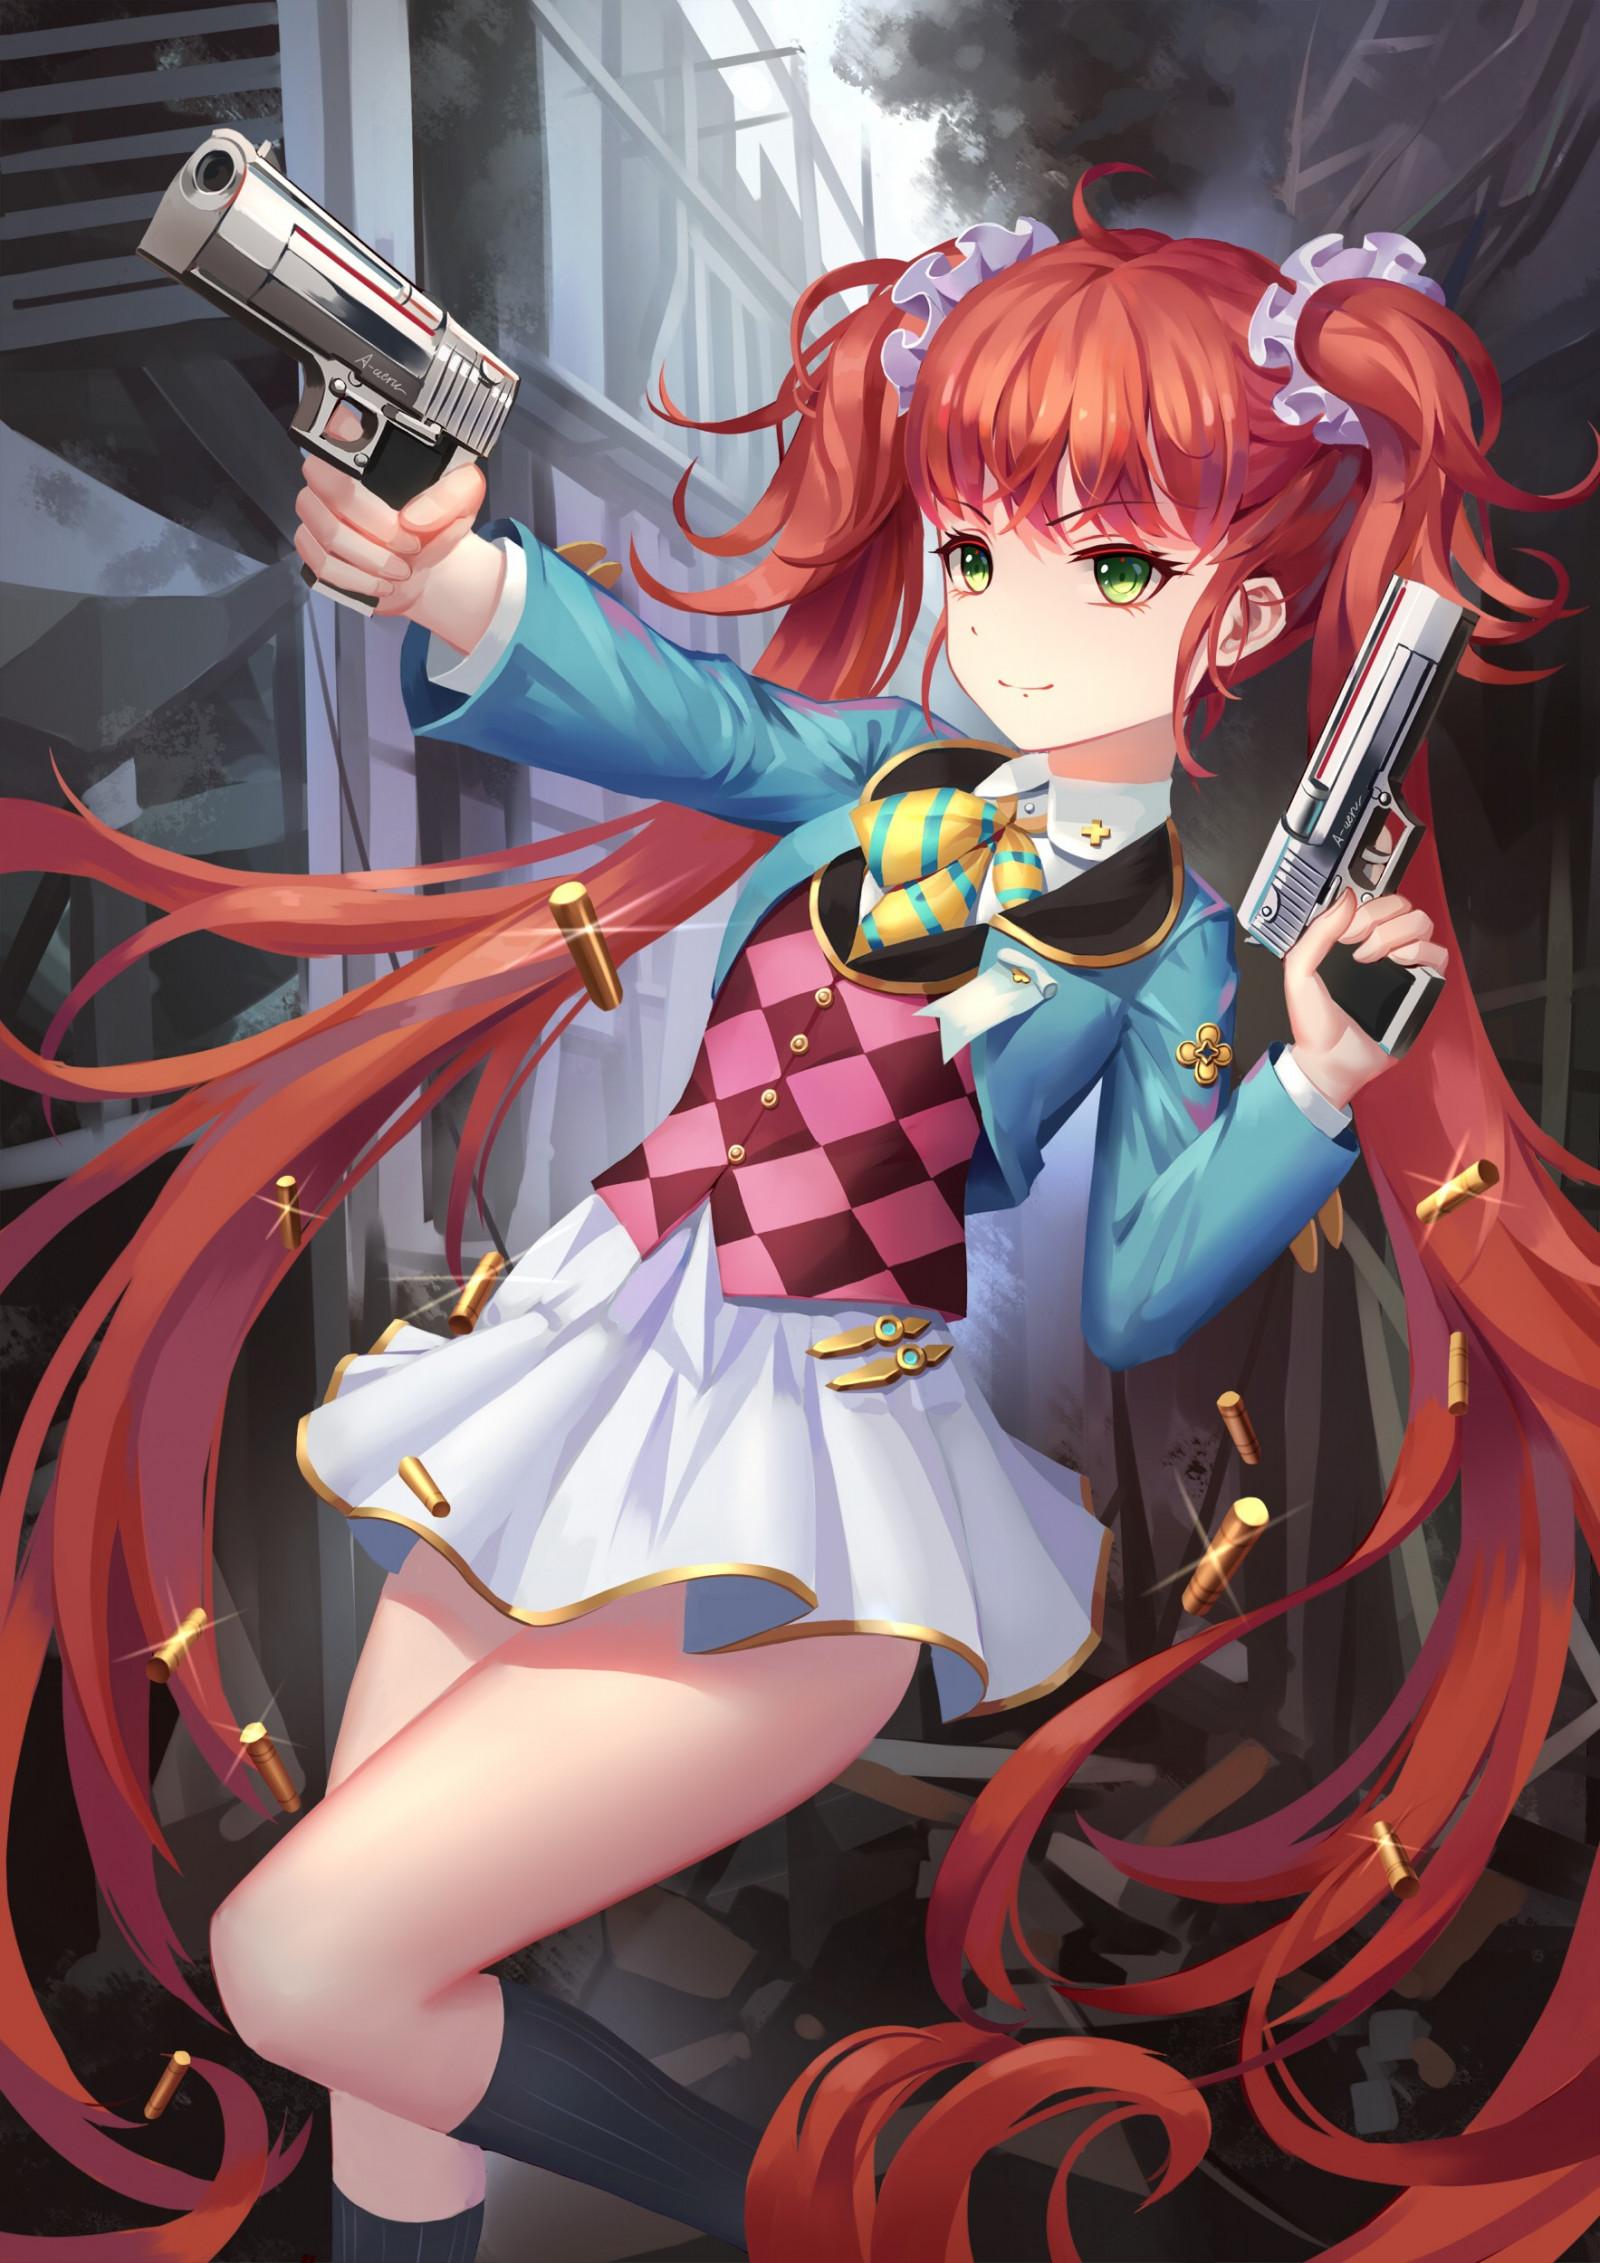 fondos de pantalla   ilustraci u00f3n  pistola  pelirrojo  pelo largo  anime  chicas anime  ojos